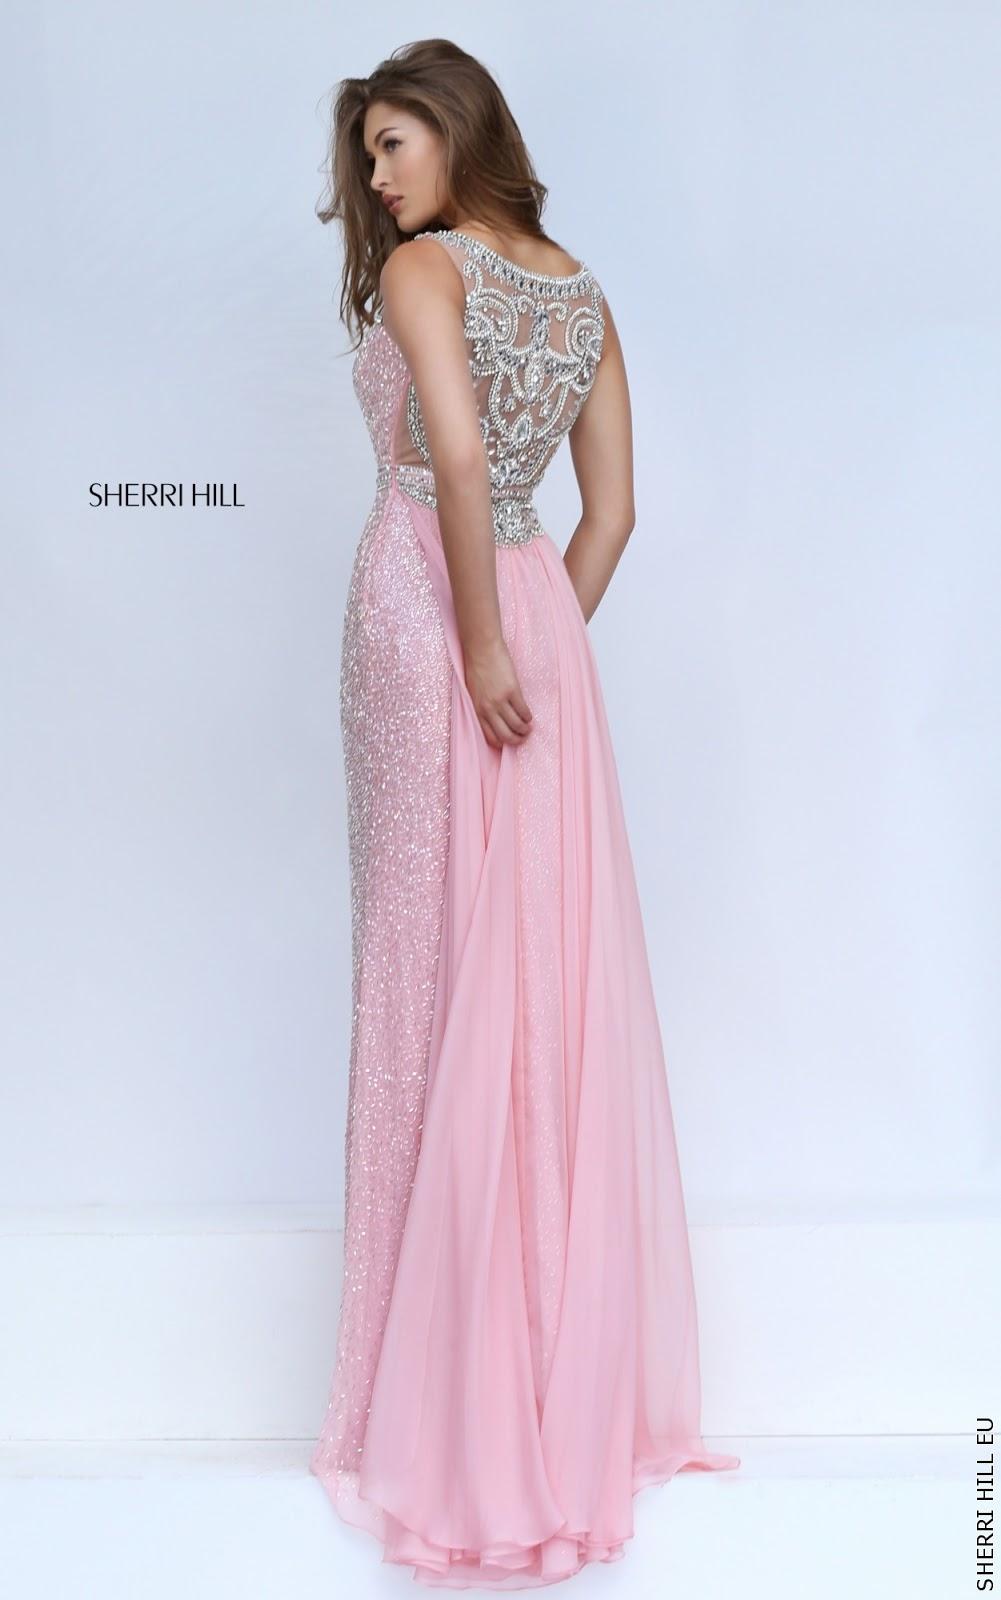 Das perfekte Abschlussball-Kleid von Sherri Hill | The Fashionable Blog